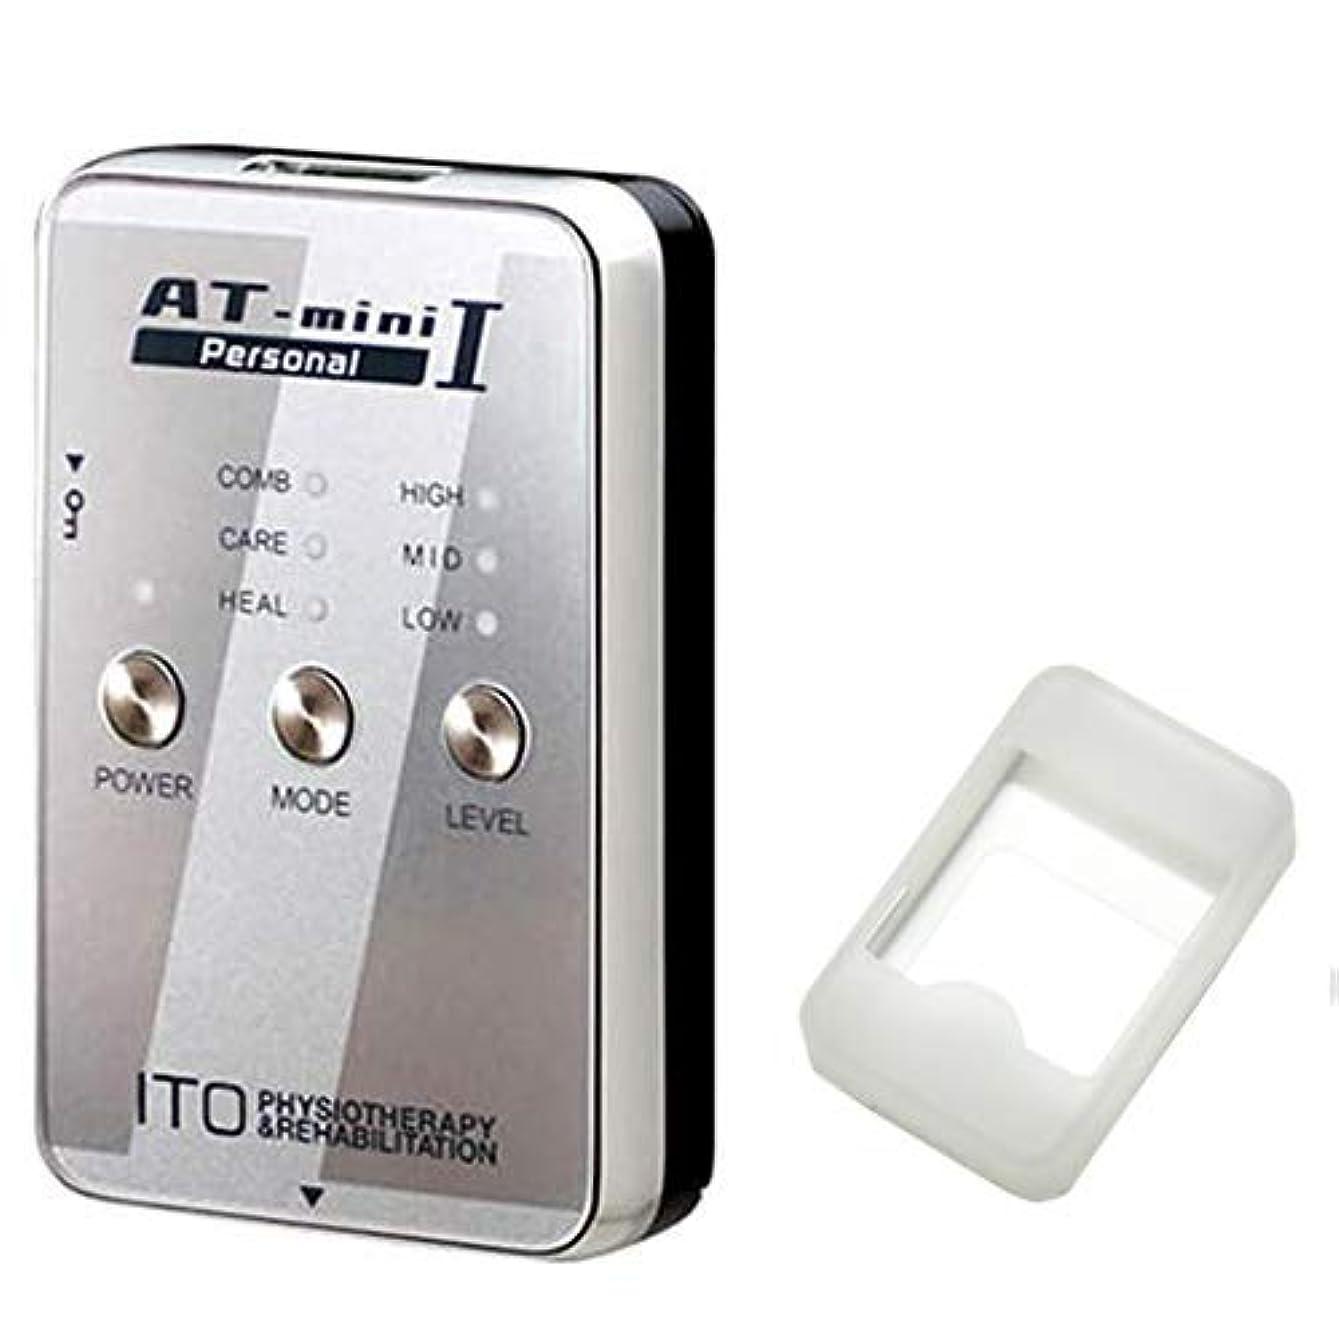 低周波治療器 AT-mini personal I シルバー (ATミニパーソナル1) + シリコン保護ケース